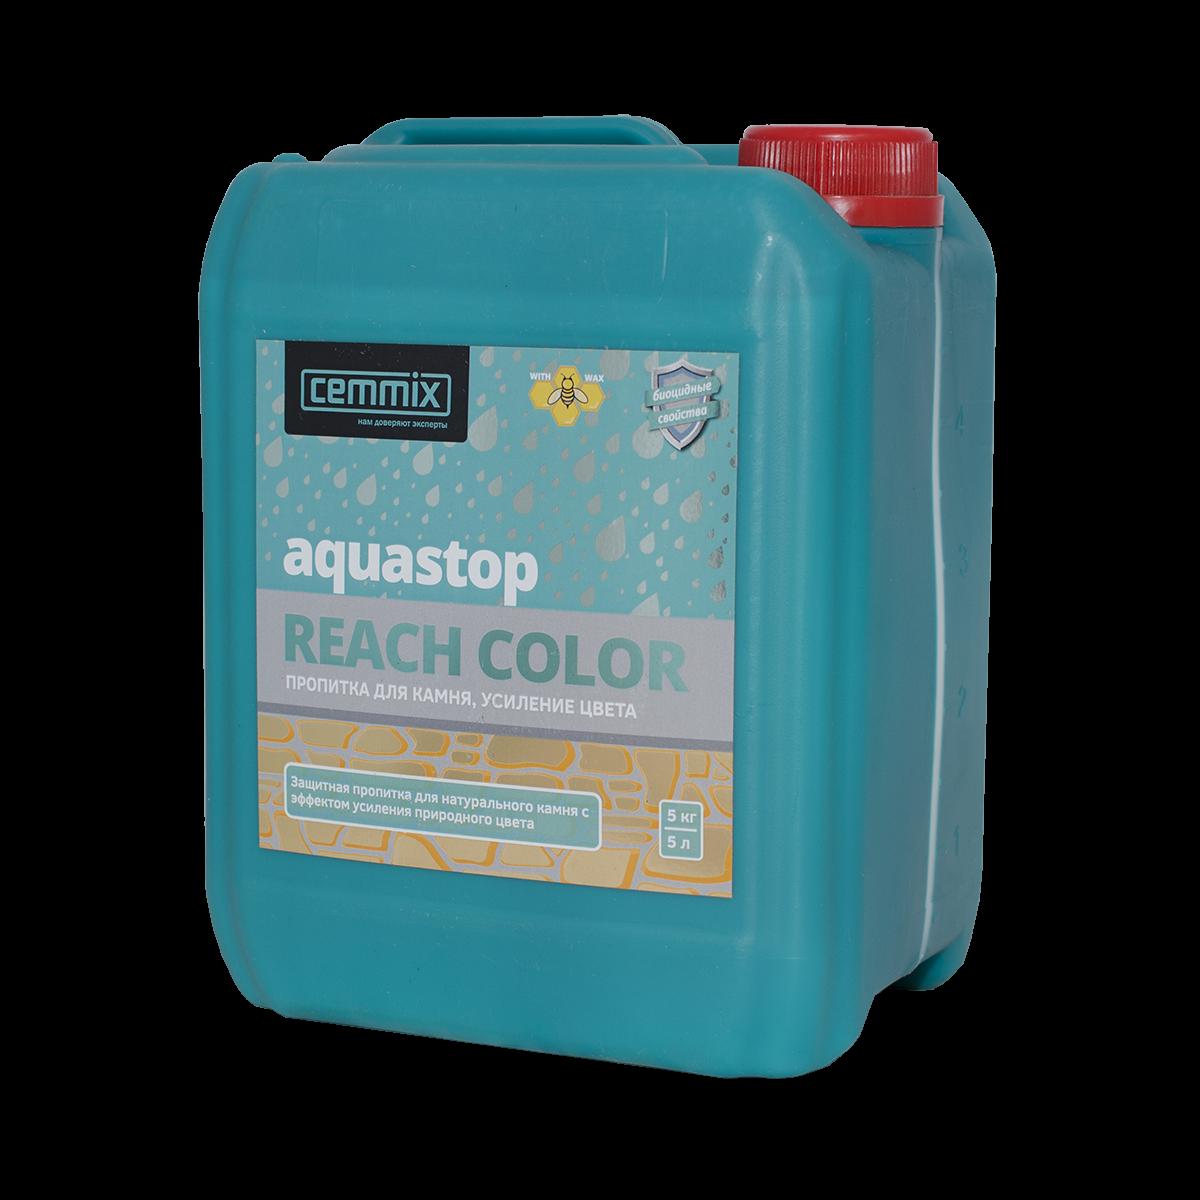 AquaStop Reach Color